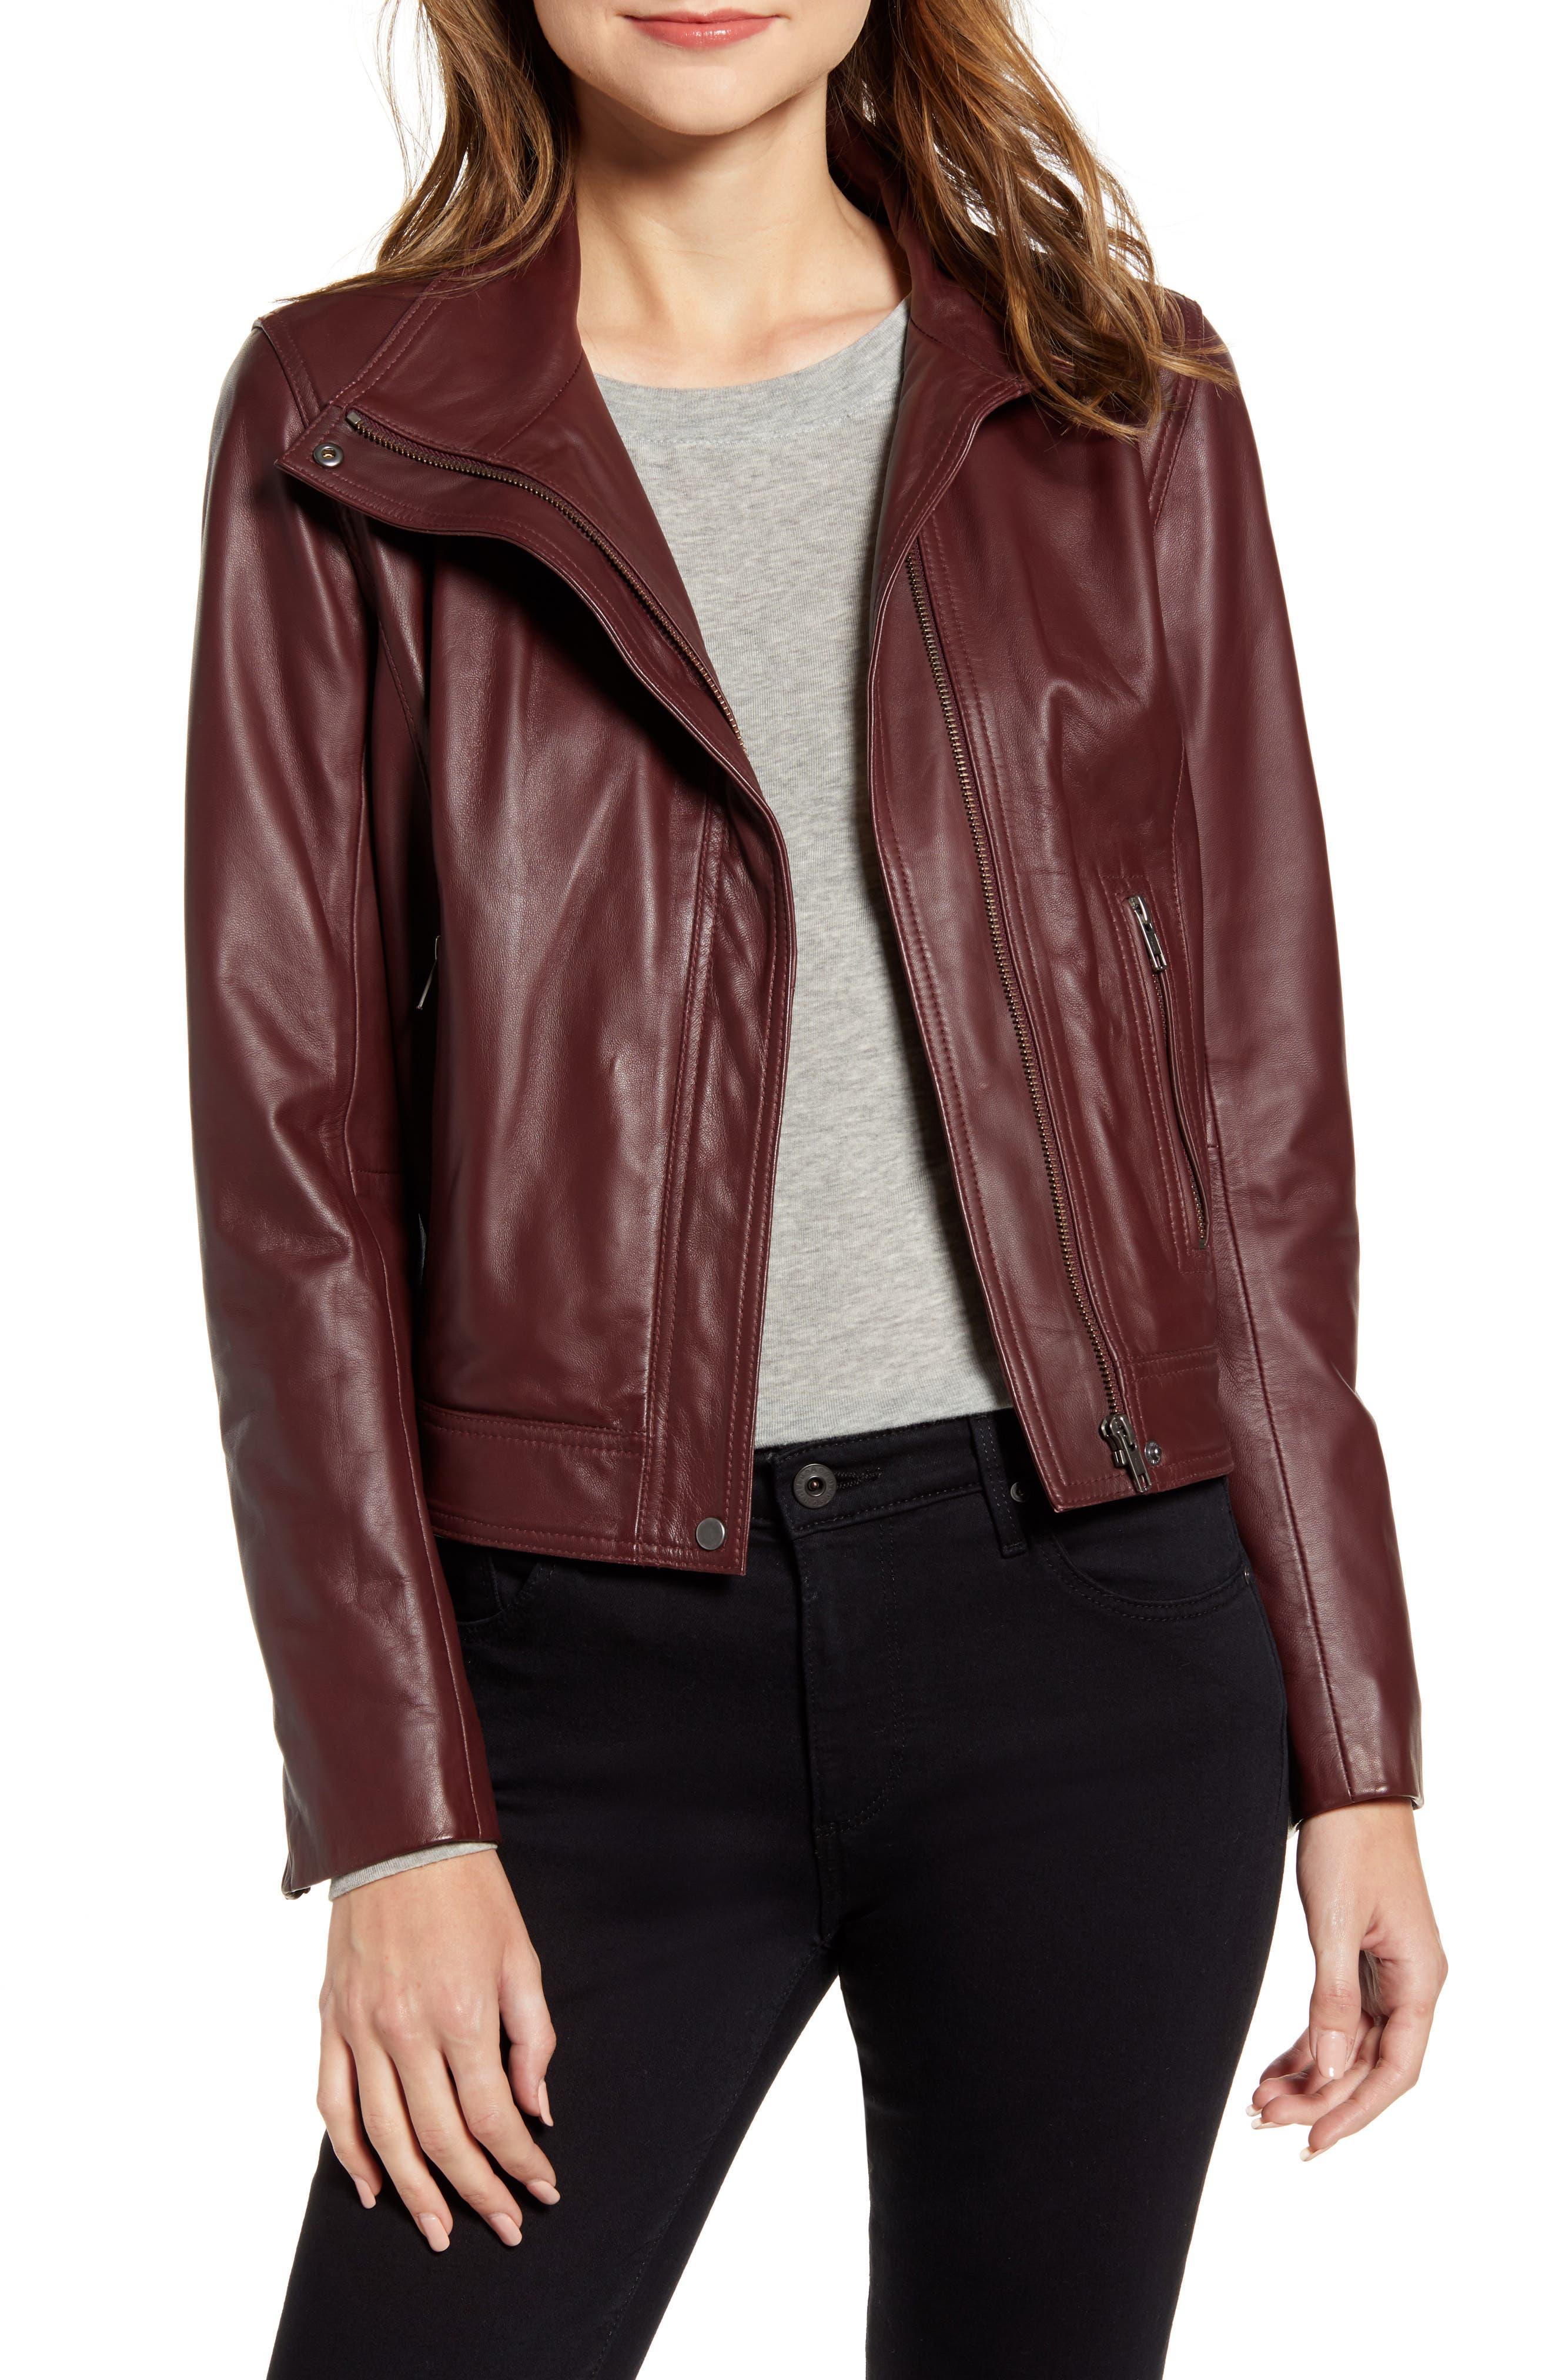 Chelsea 28 Leather Moto Jacket